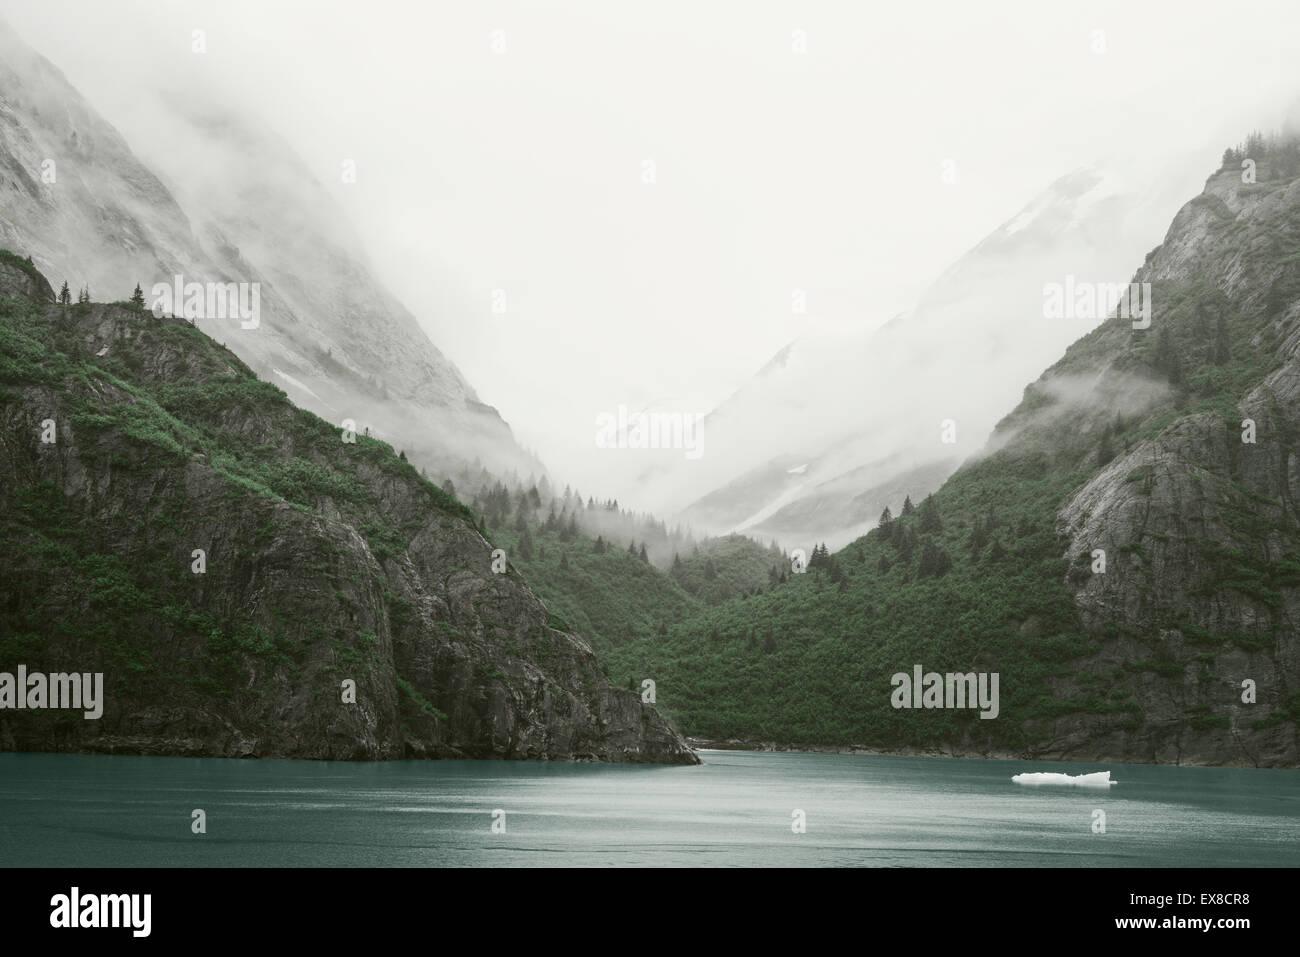 Inside Passage - Tracy Arm landscape, Alaska - Stock Image